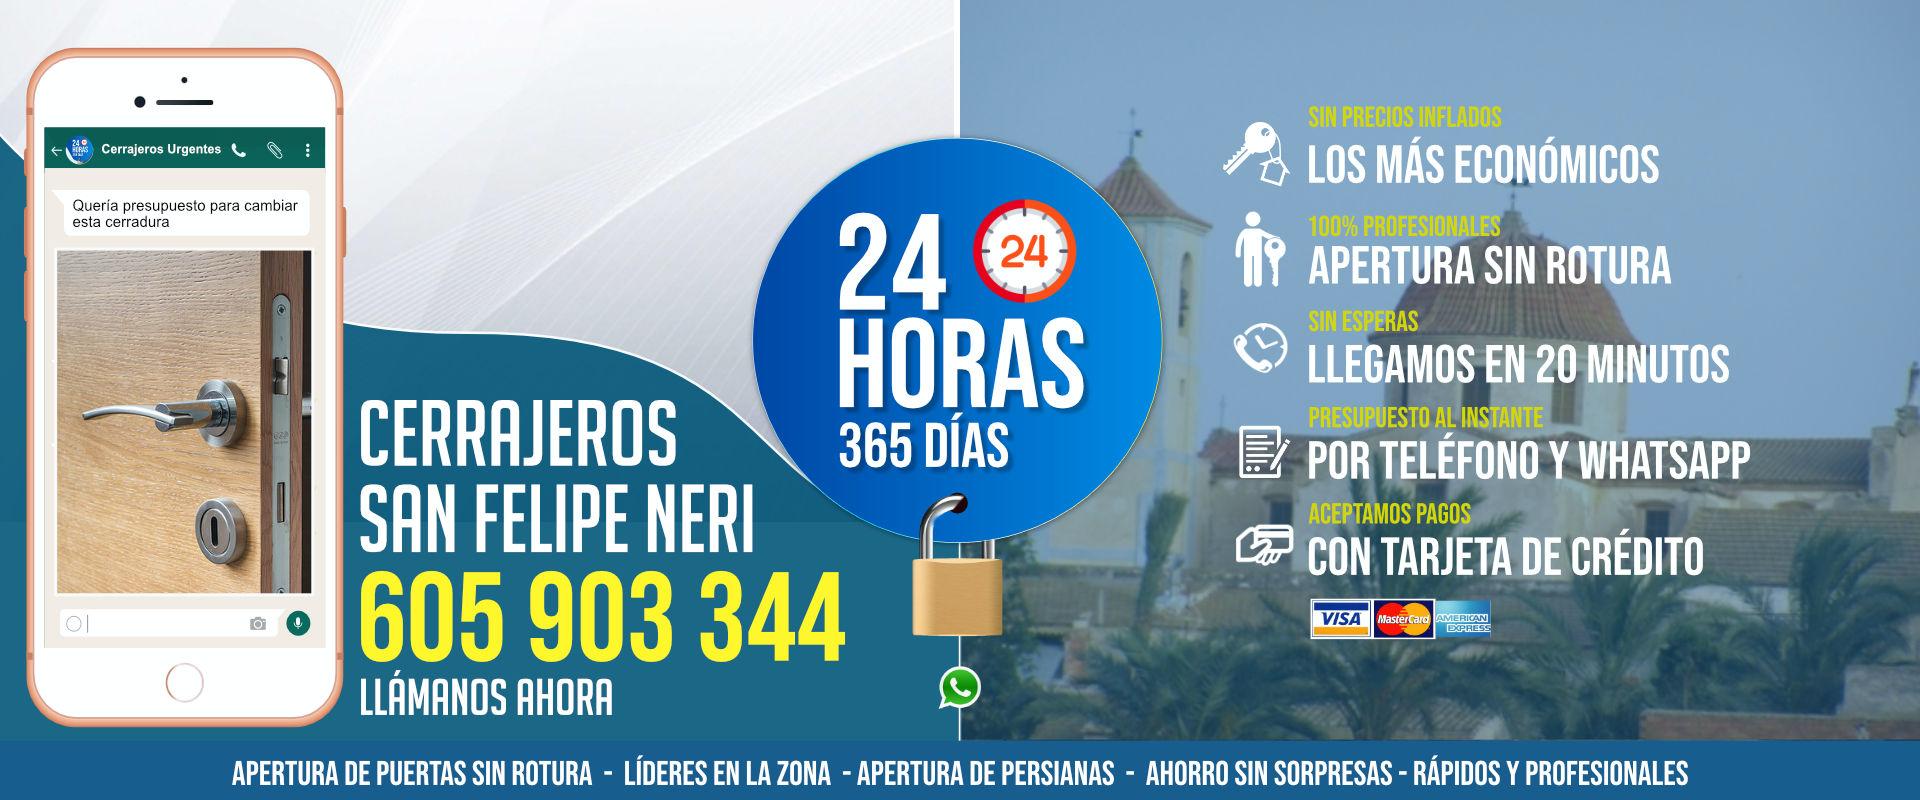 Cerrajeros San Felipe Neri 1